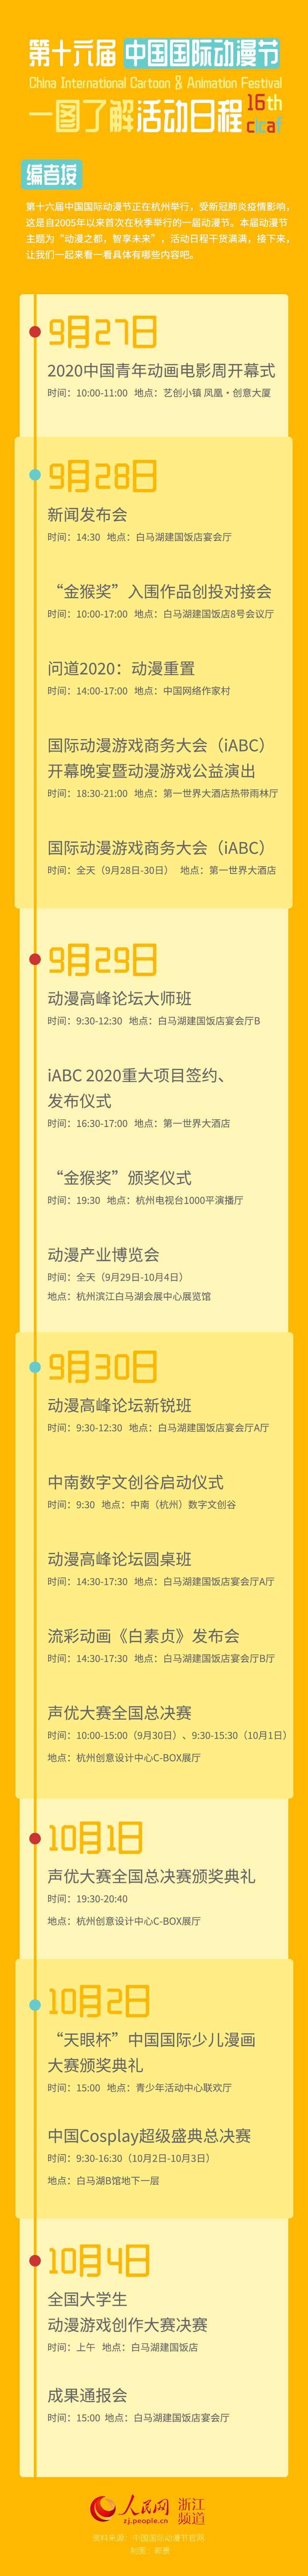 第十六届中国国际动漫节在杭州开幕